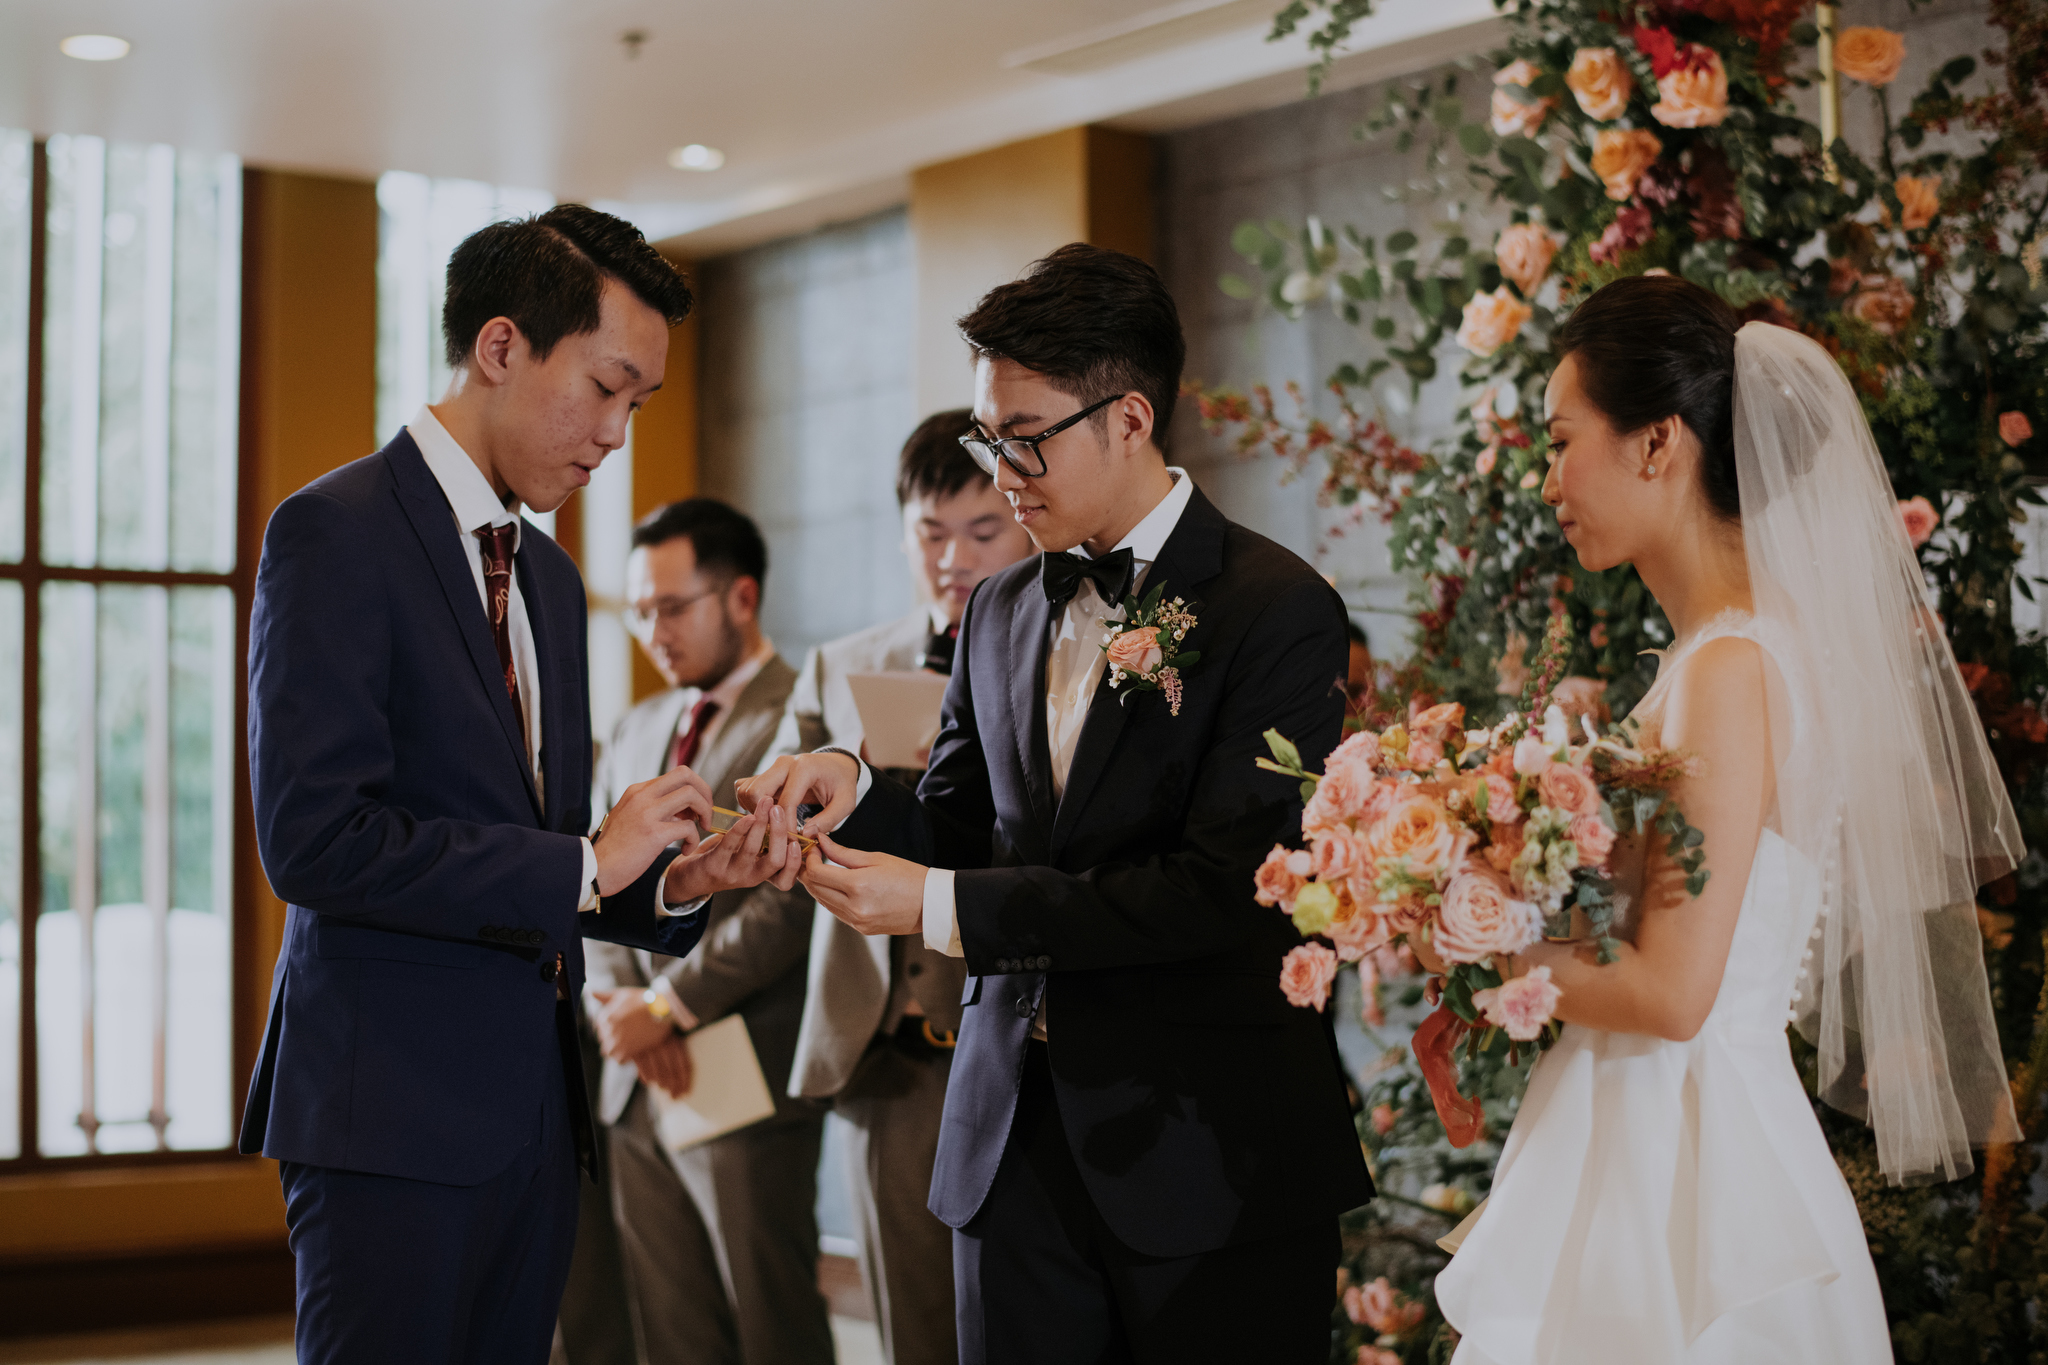 https://huk.s3.amazonaws.com/uploads/image/source/1404/Phuong-Diep-HN-Ceremony-1-0449.JPG